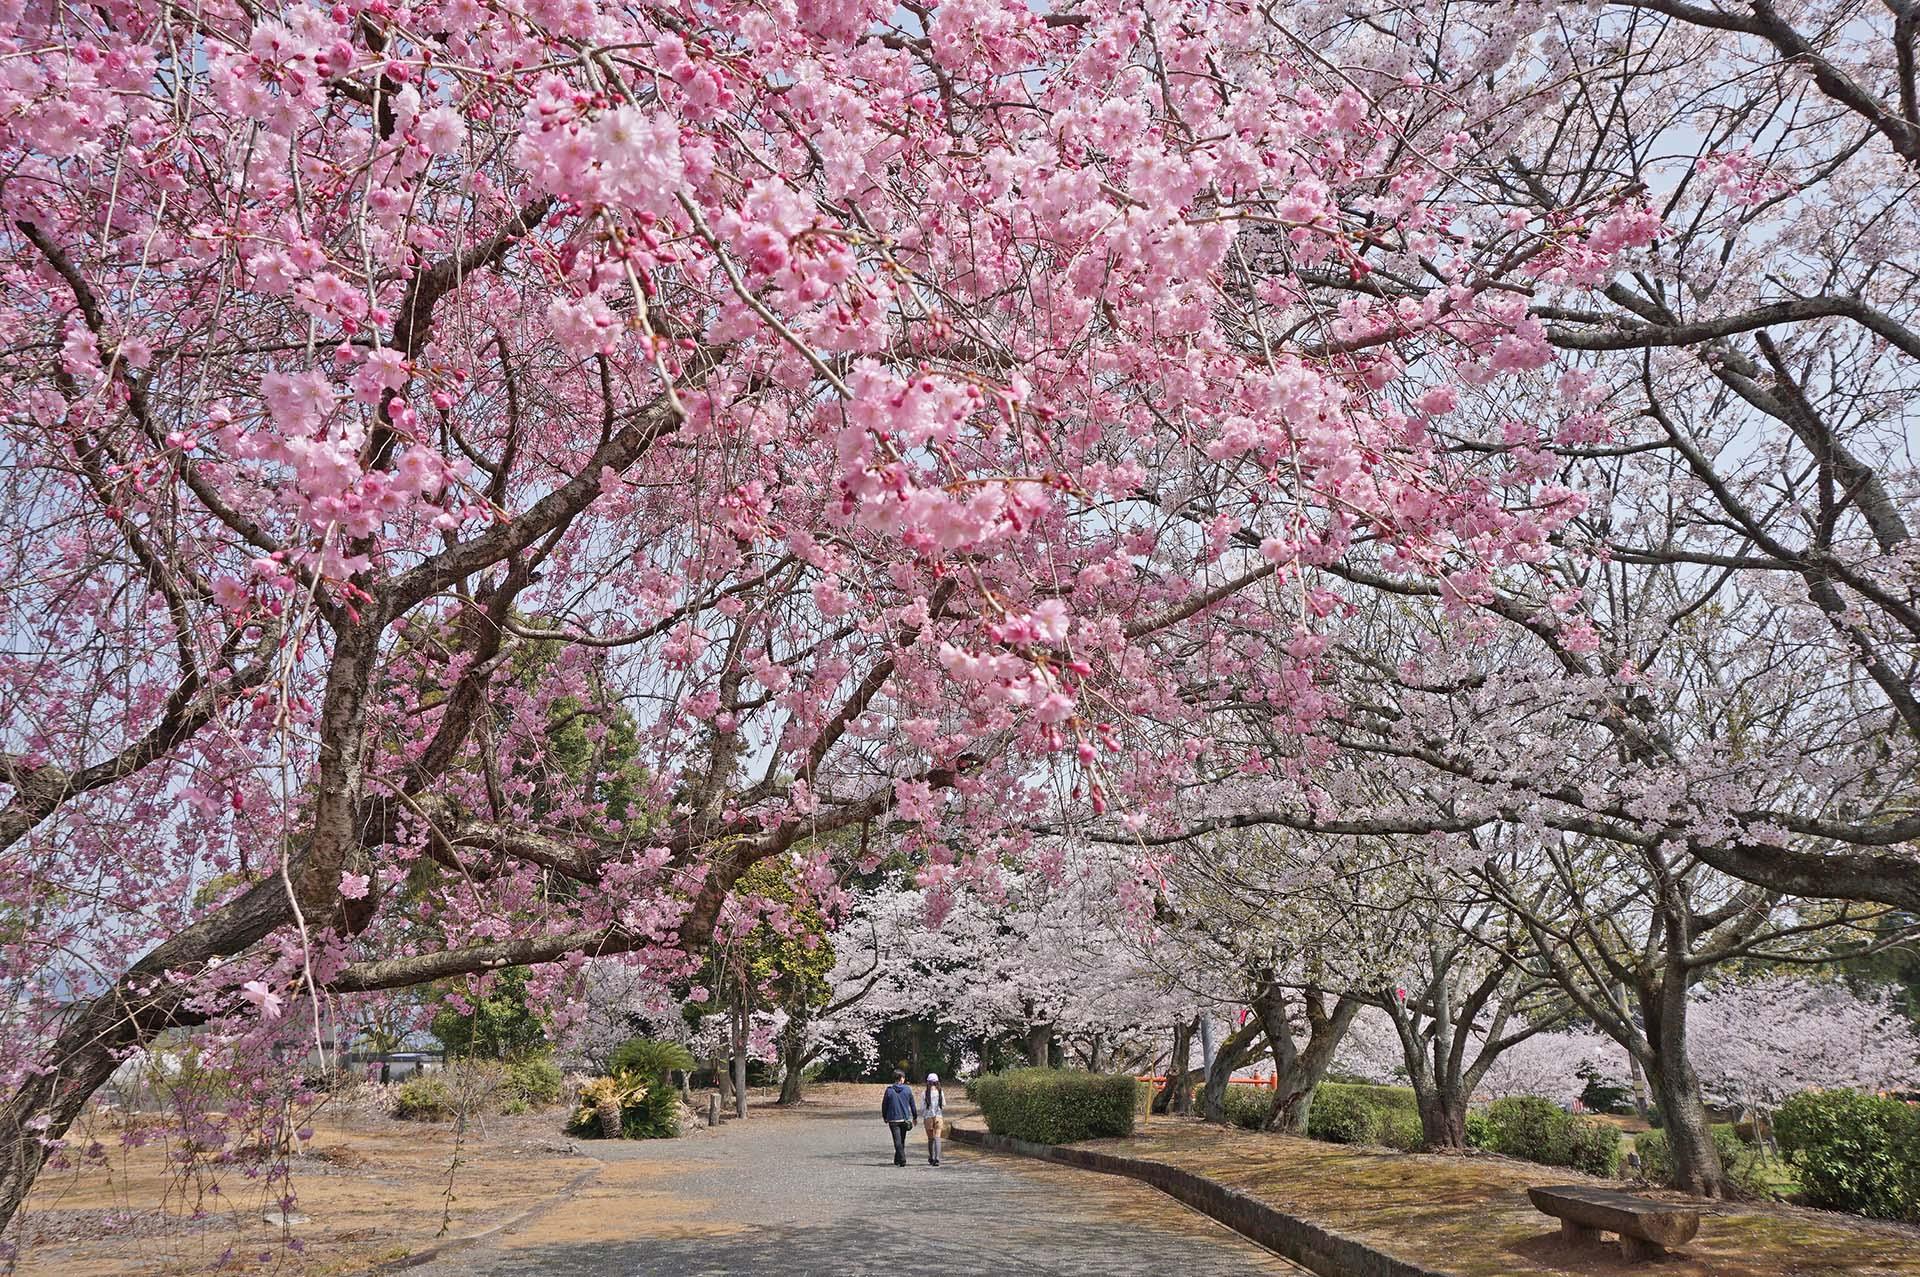 旭ヶ岡公園の桜まつり